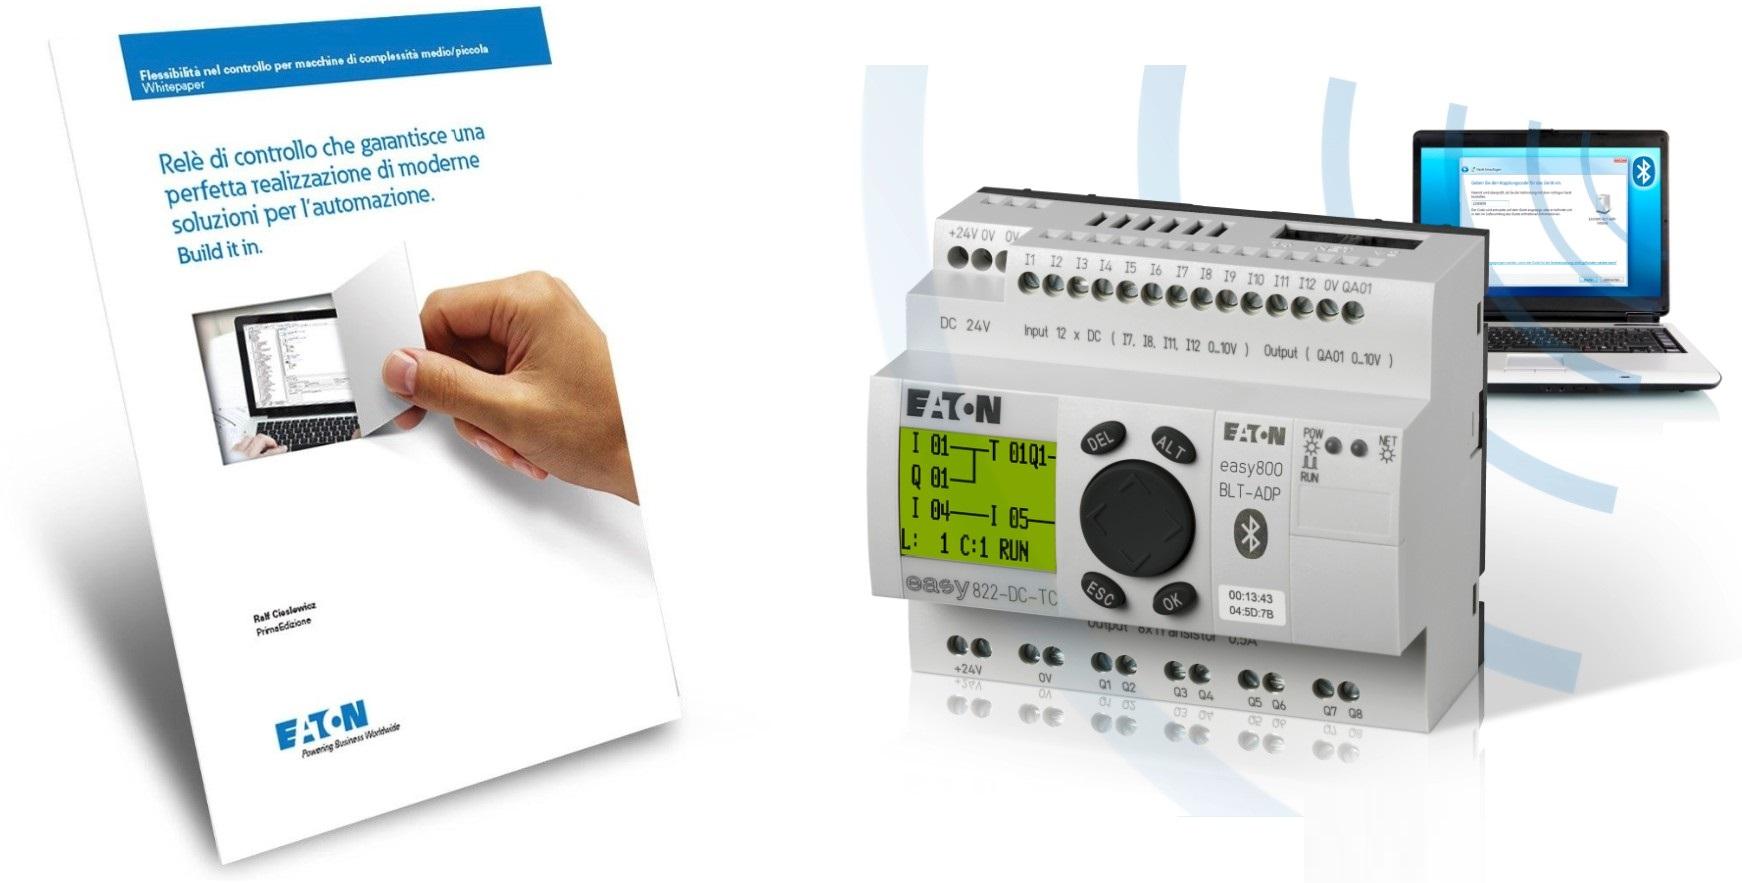 Eaton, nuovo whitepaper sul realizzare soluzioni d'automazione moderne con nuovi smart relè